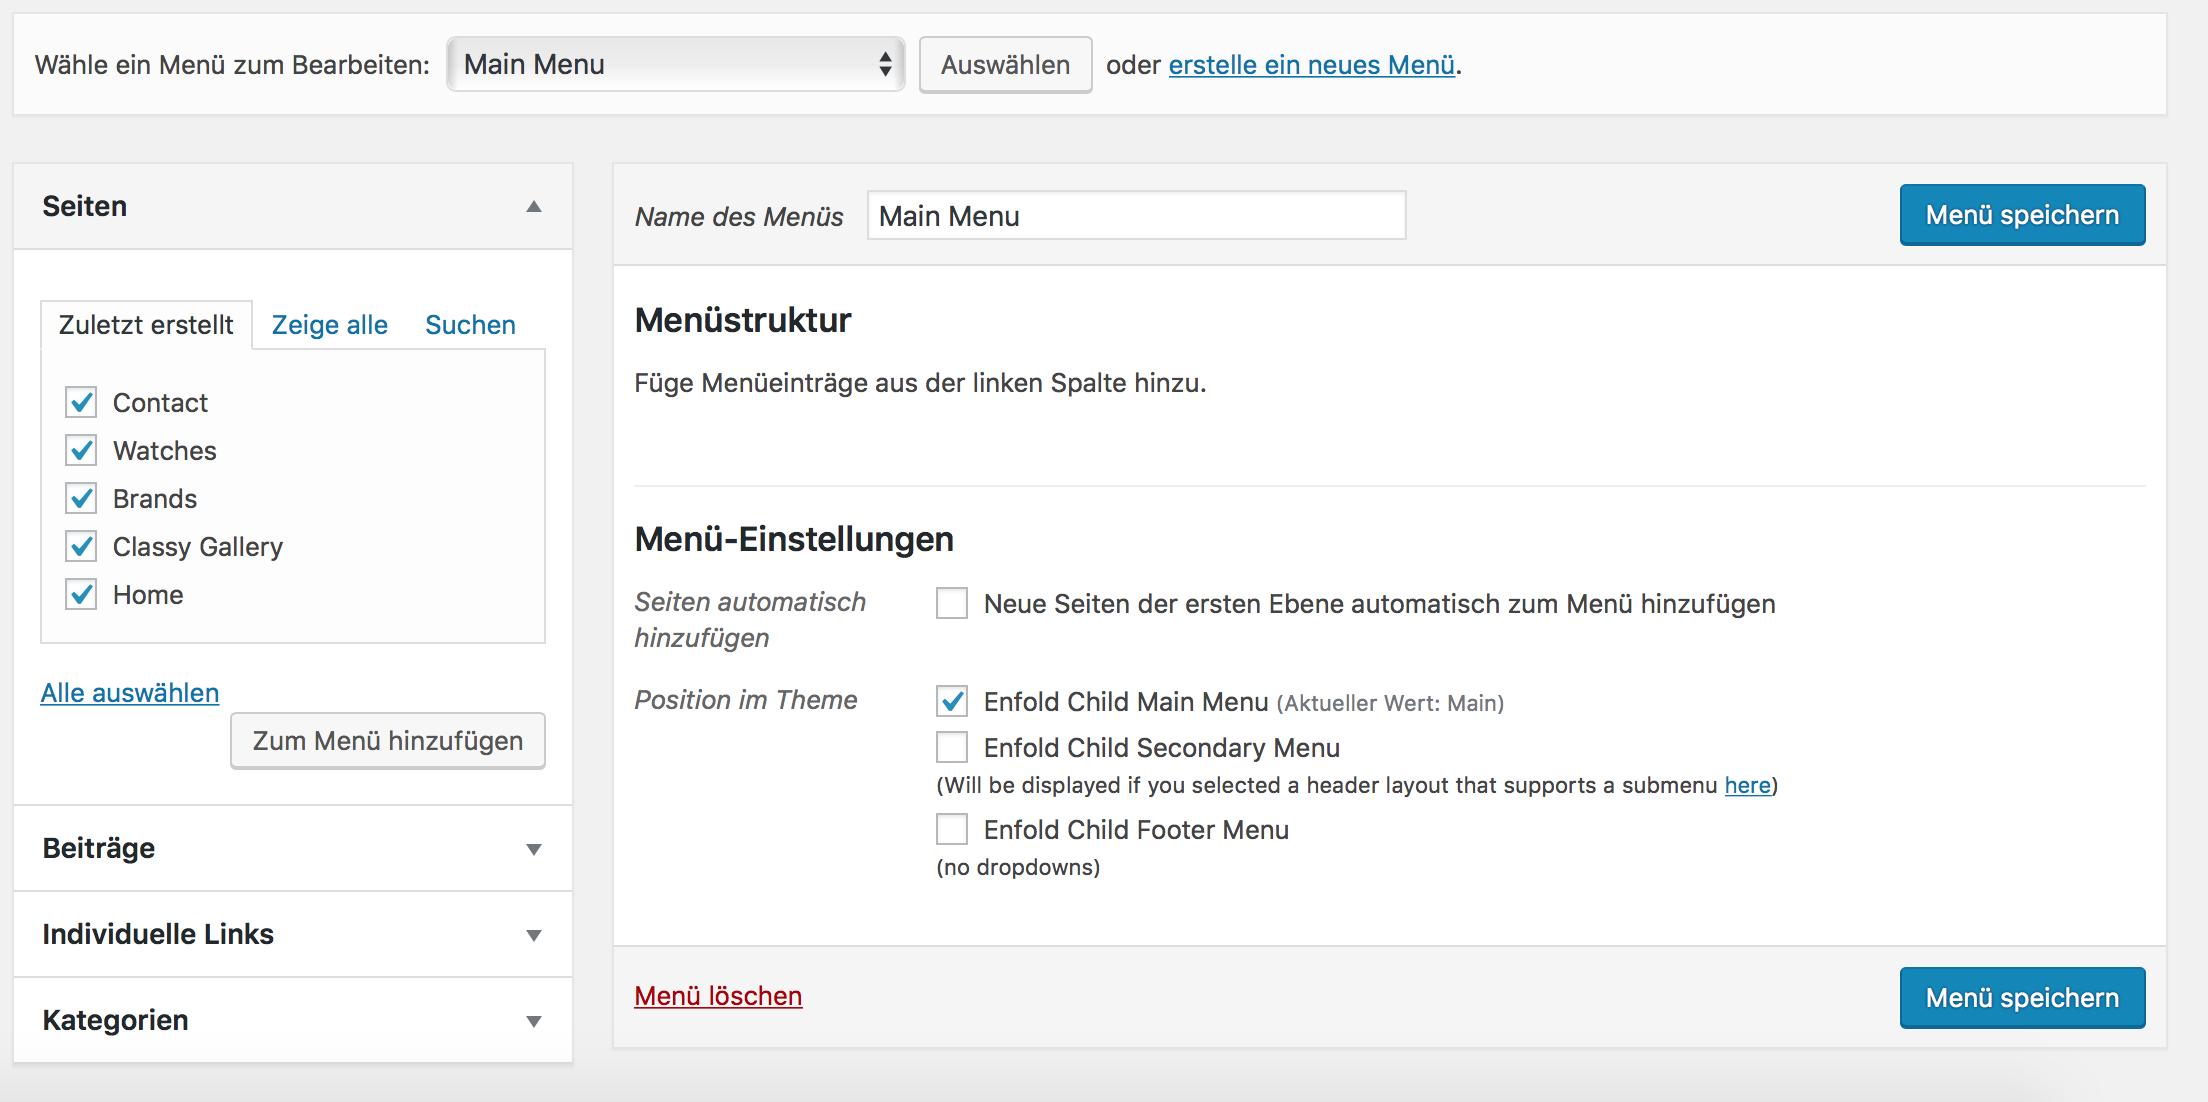 Seiten und Beiträge zu WordPress Menü hinzufügen